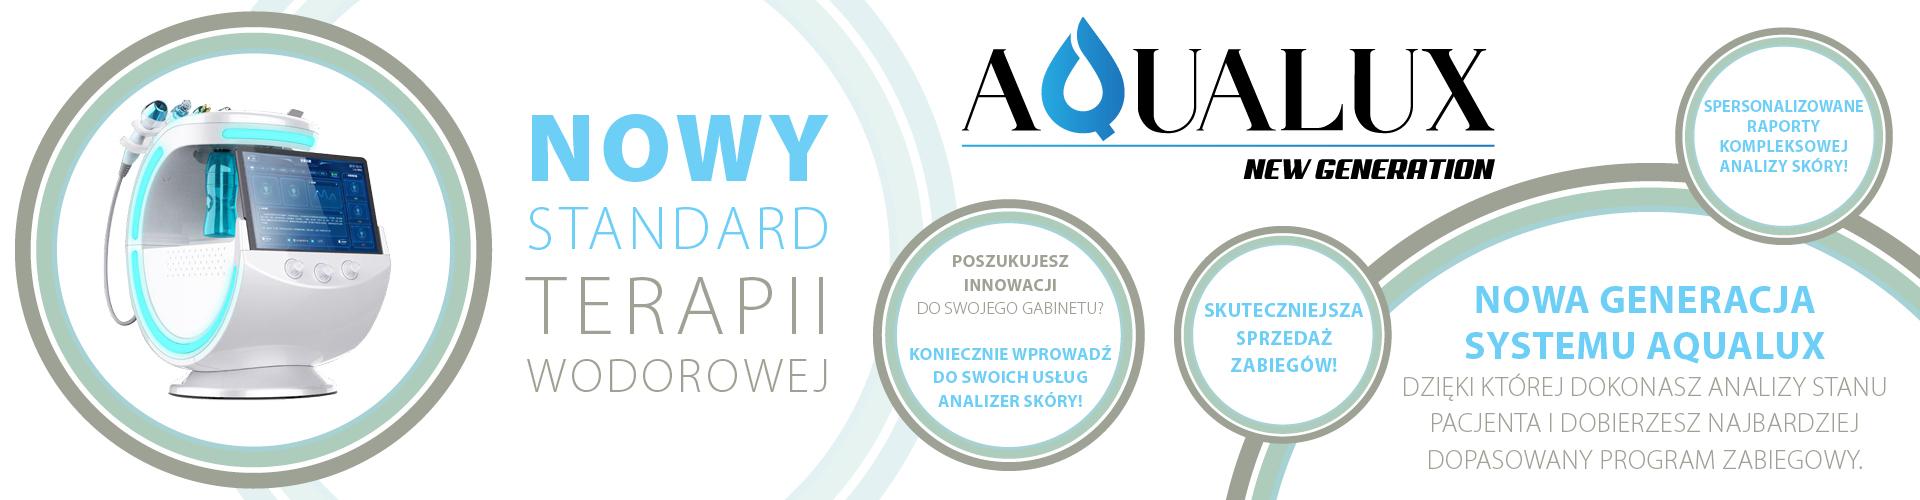 aqualux_NG_baner_www